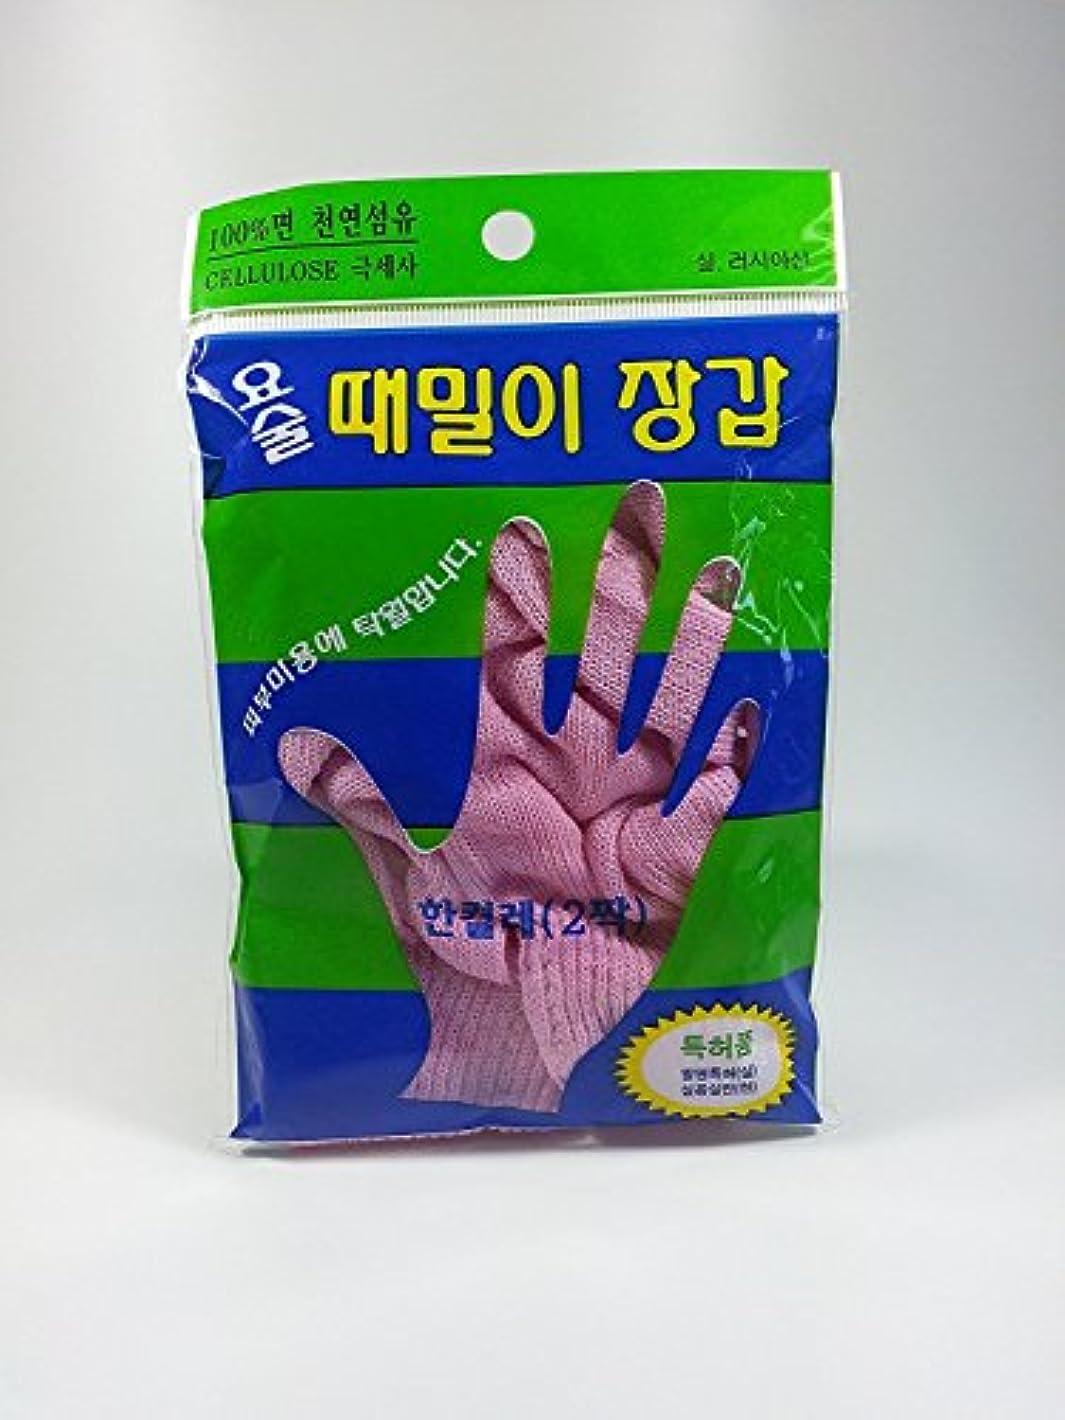 ミュートぞっとするようなウィンクジョンジュン産業 韓国式 垢すり 手袋 バスグローブ 5本指 ボディスクラブ 100% 天然セルロース繊維製 ???? ??????? Magic Korean Body Back Scrub [並行輸入品]